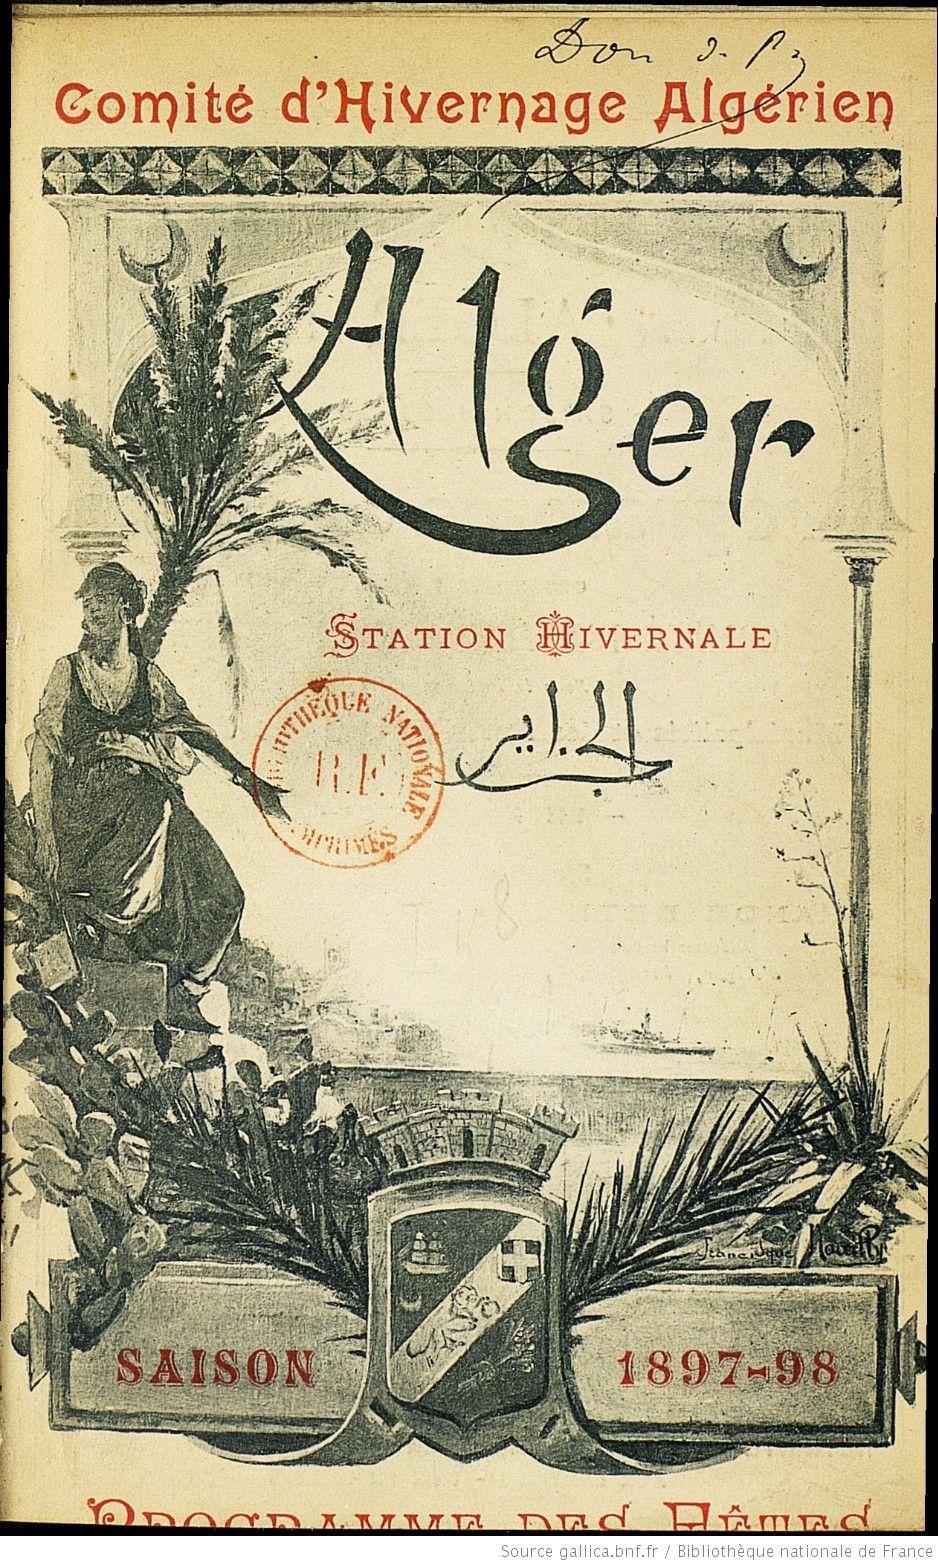 Comite D Hivernage Algerien Alger Alger Histoire Des Berberes Histoire Algerie